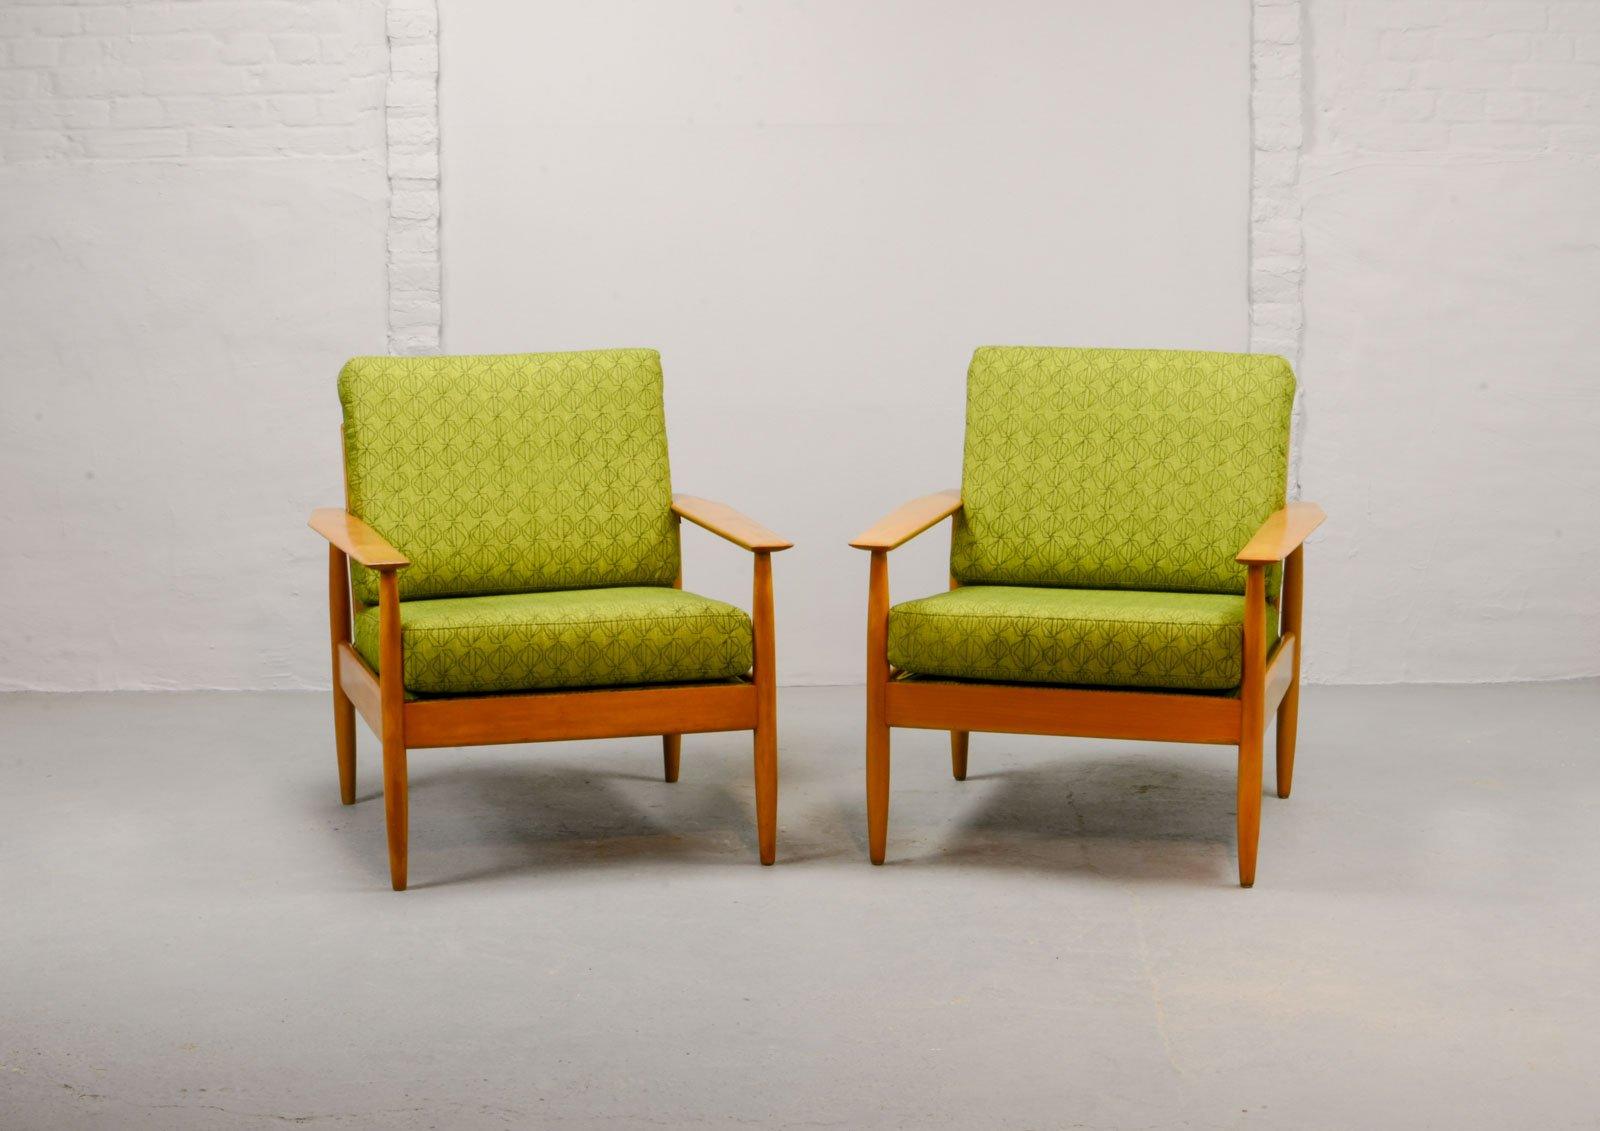 Ungewöhnlich Nagel Lounge Ideen - Nagellack-Design-Ideen ...